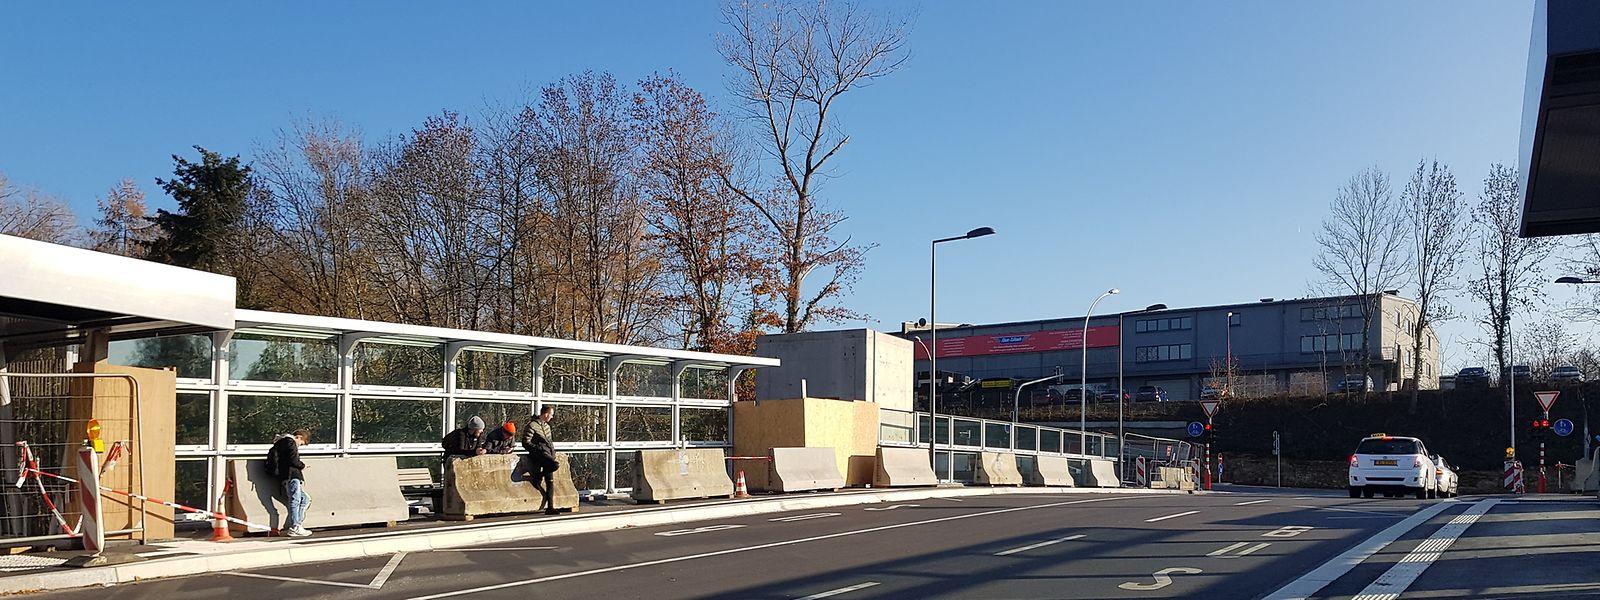 Betonblöcke wurden provisorisch zum Schutz der Verkehrsteilnehmer aufgestellt.